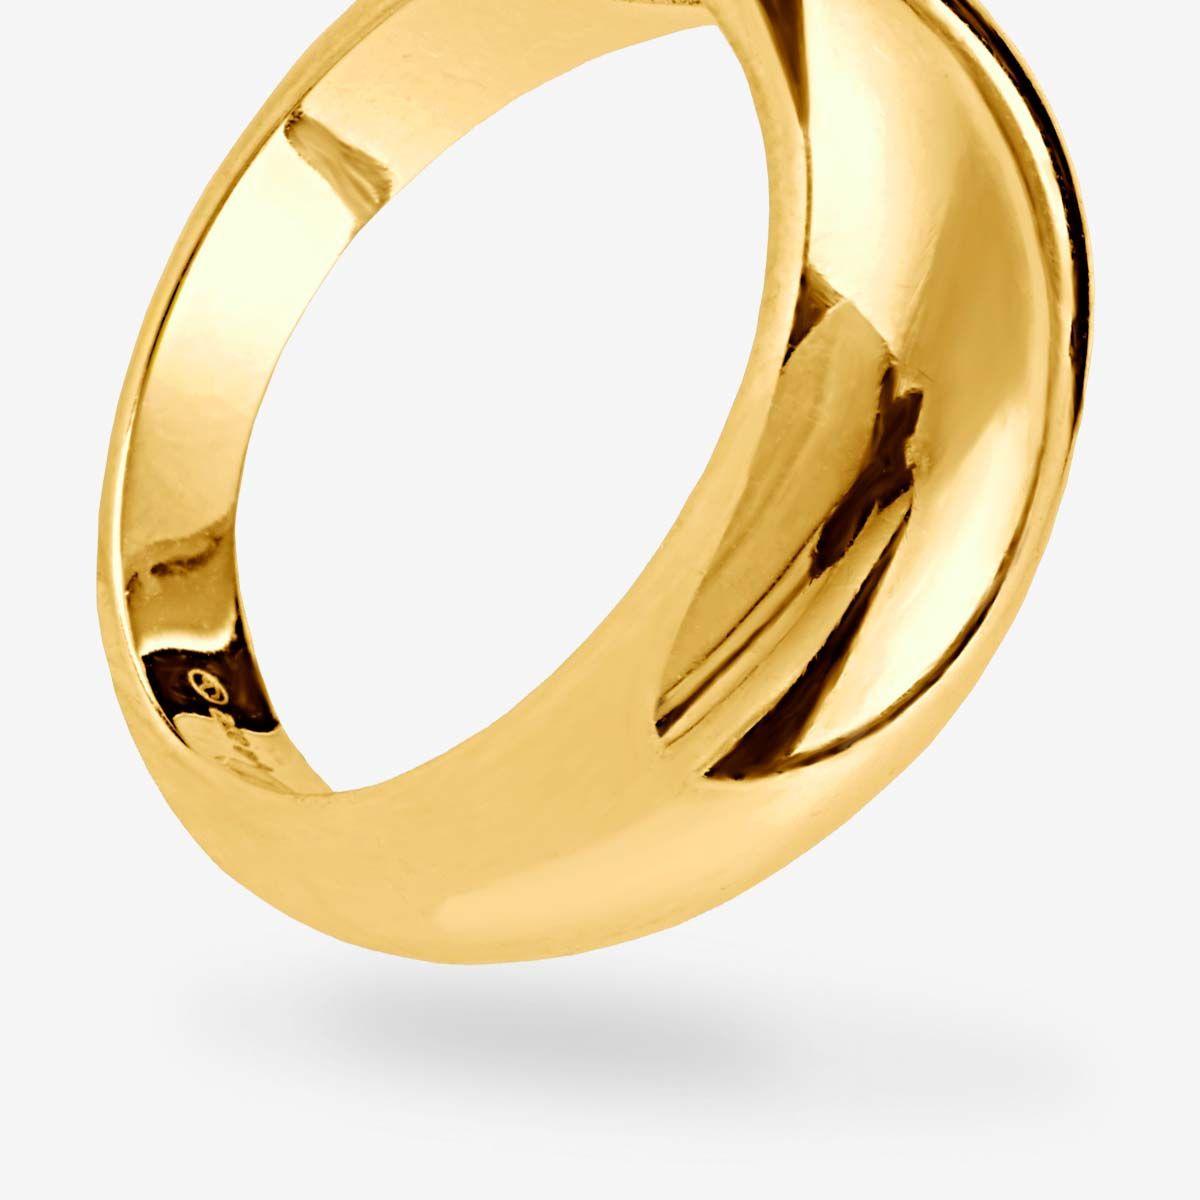 Dome - Ringe - 18k vergoldet